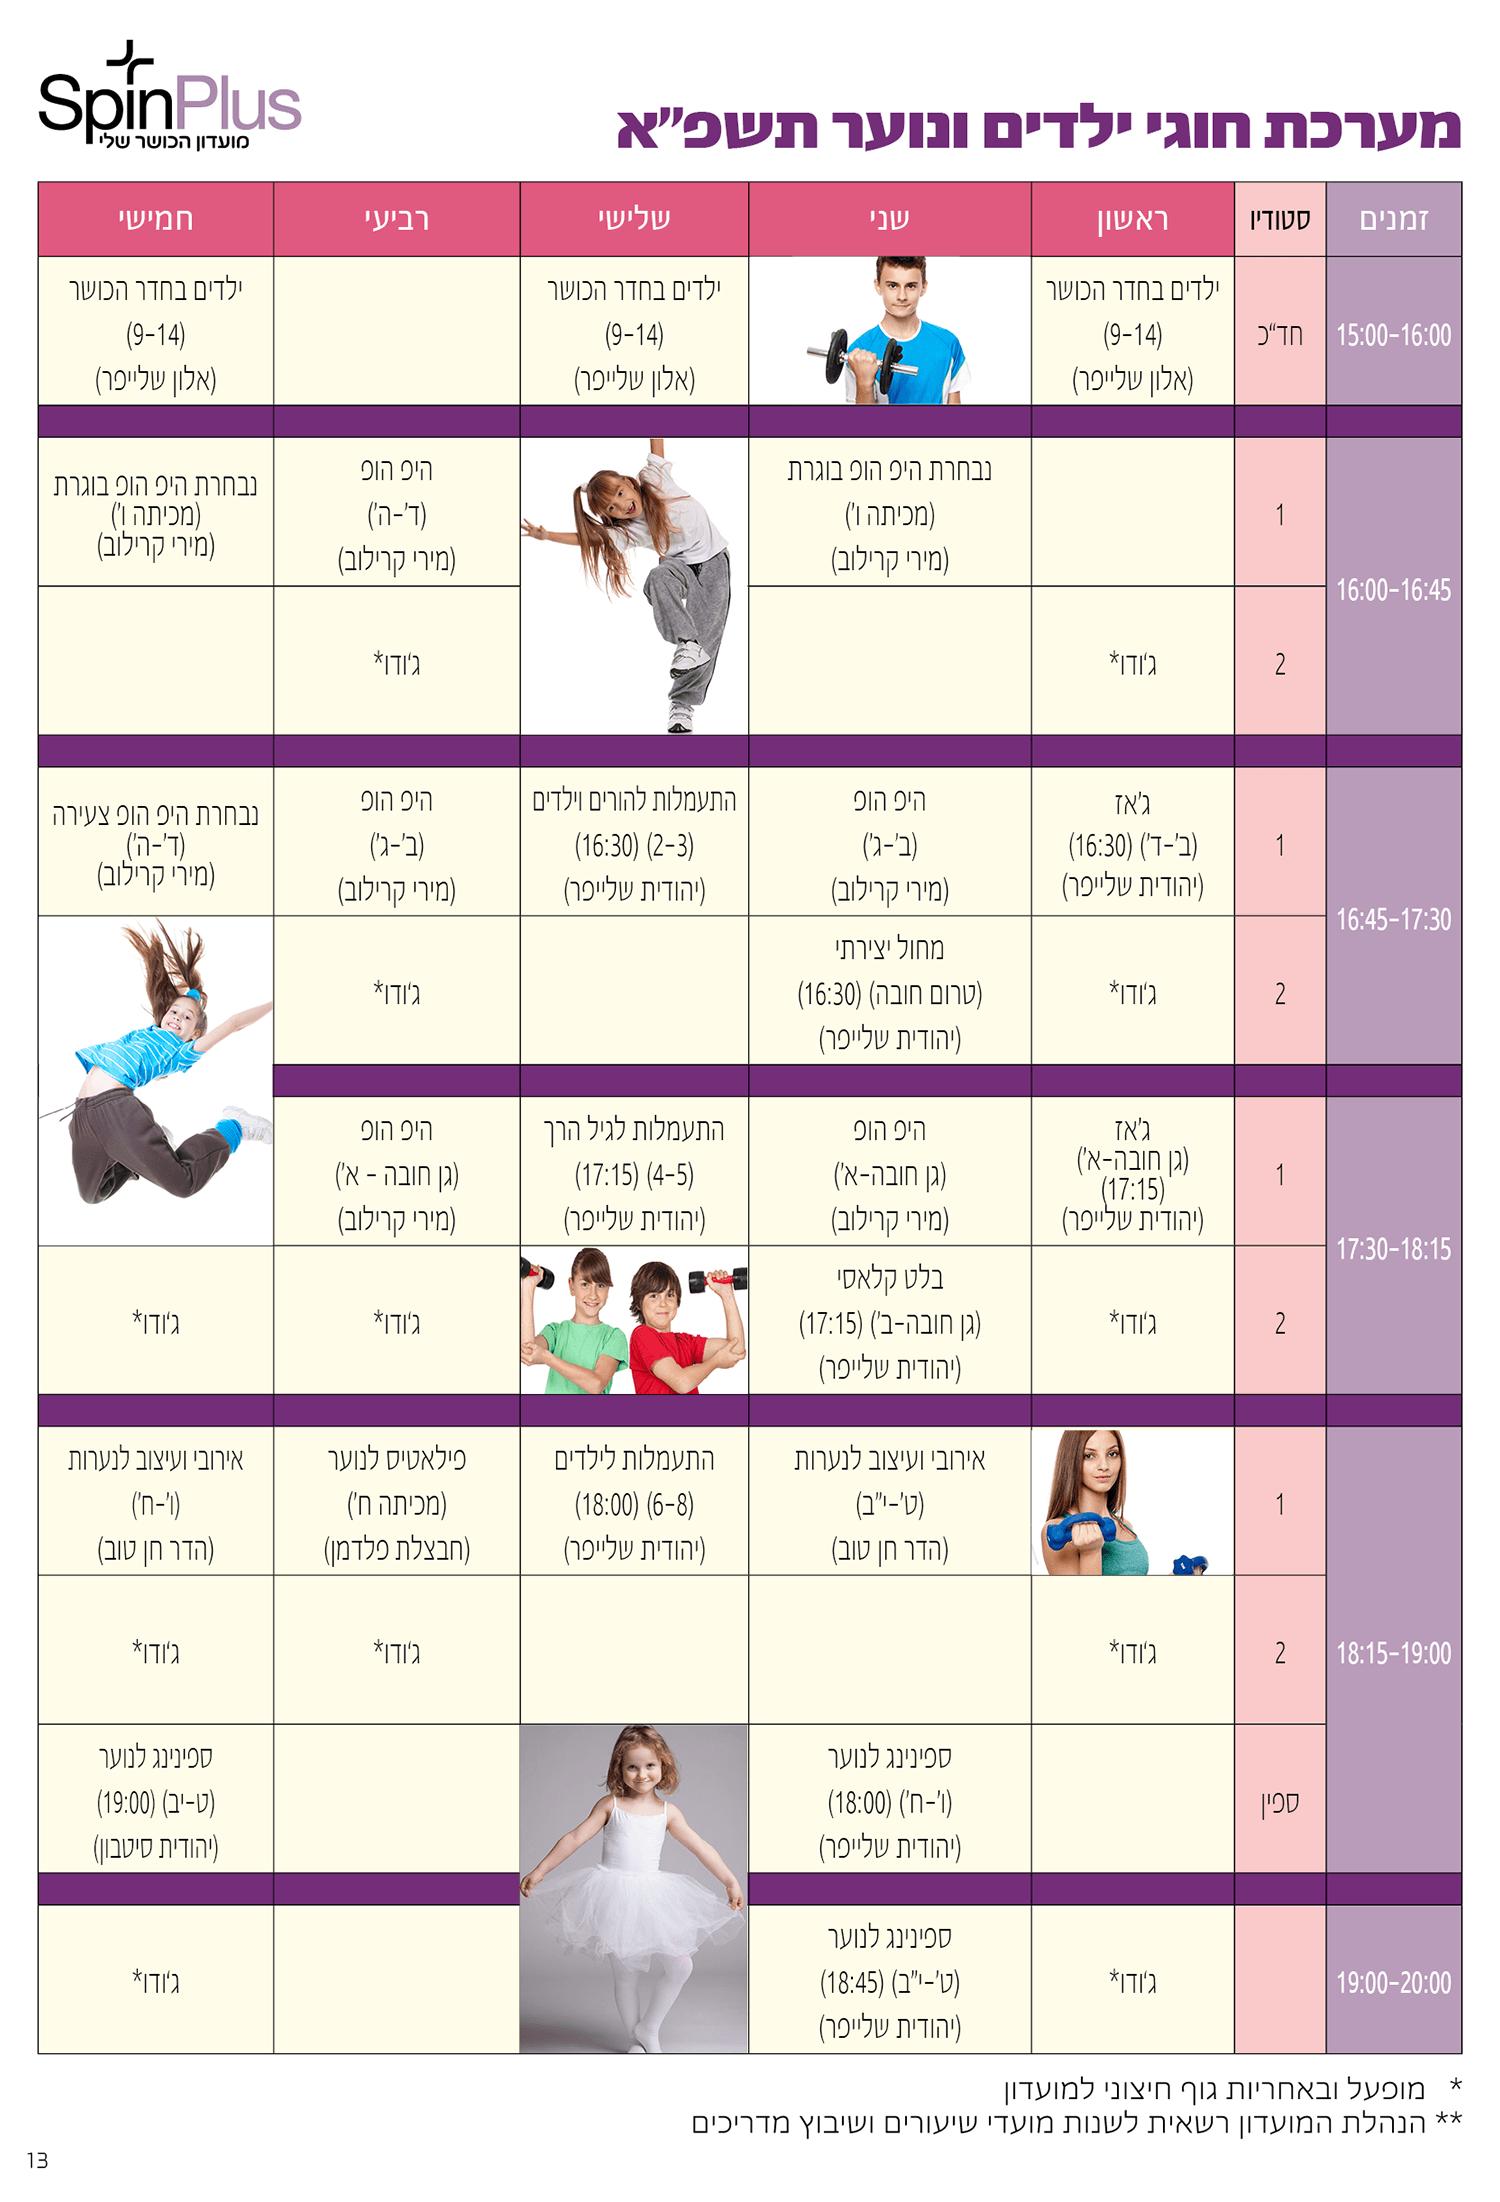 מערכת ילדים תשפא 17-8-2020